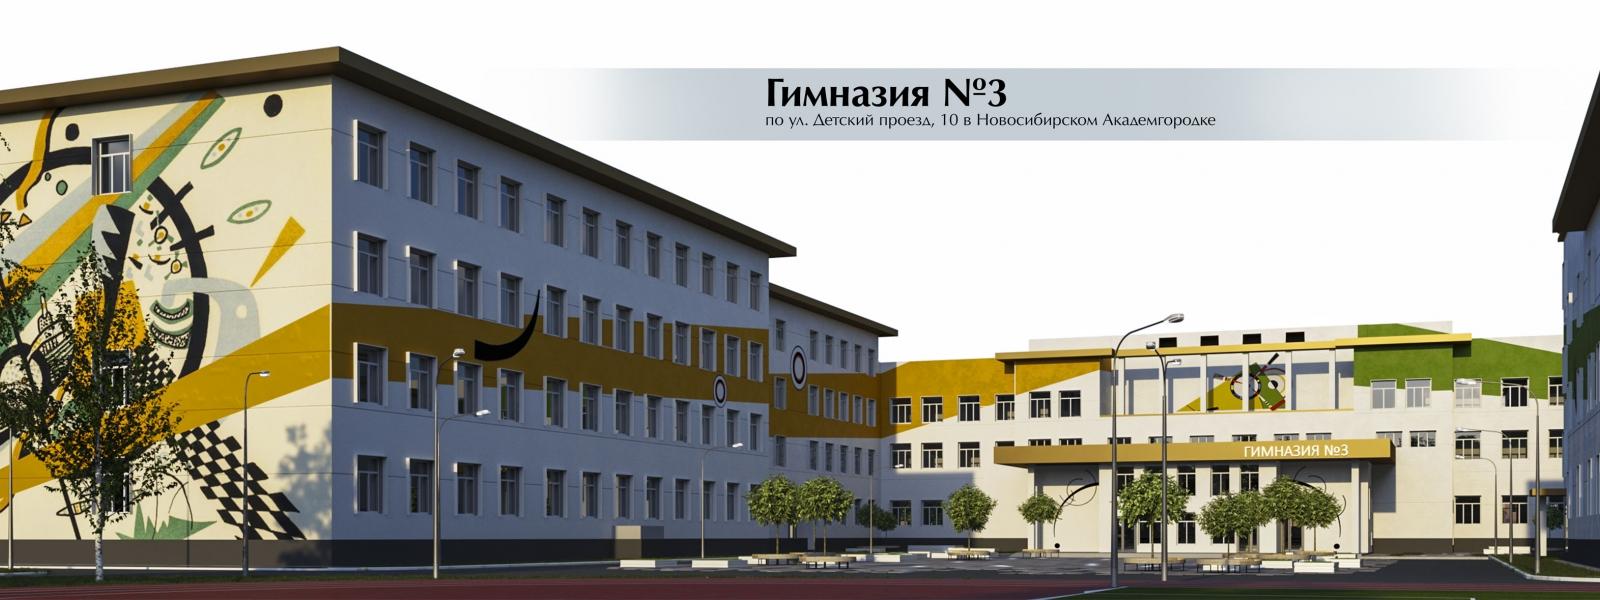 """work-""""22042204-3935"""" Проект фасада здания гимназии №3 по ул. Детский проезд 10, в Советском районе Новосибирска (Академгородок)"""